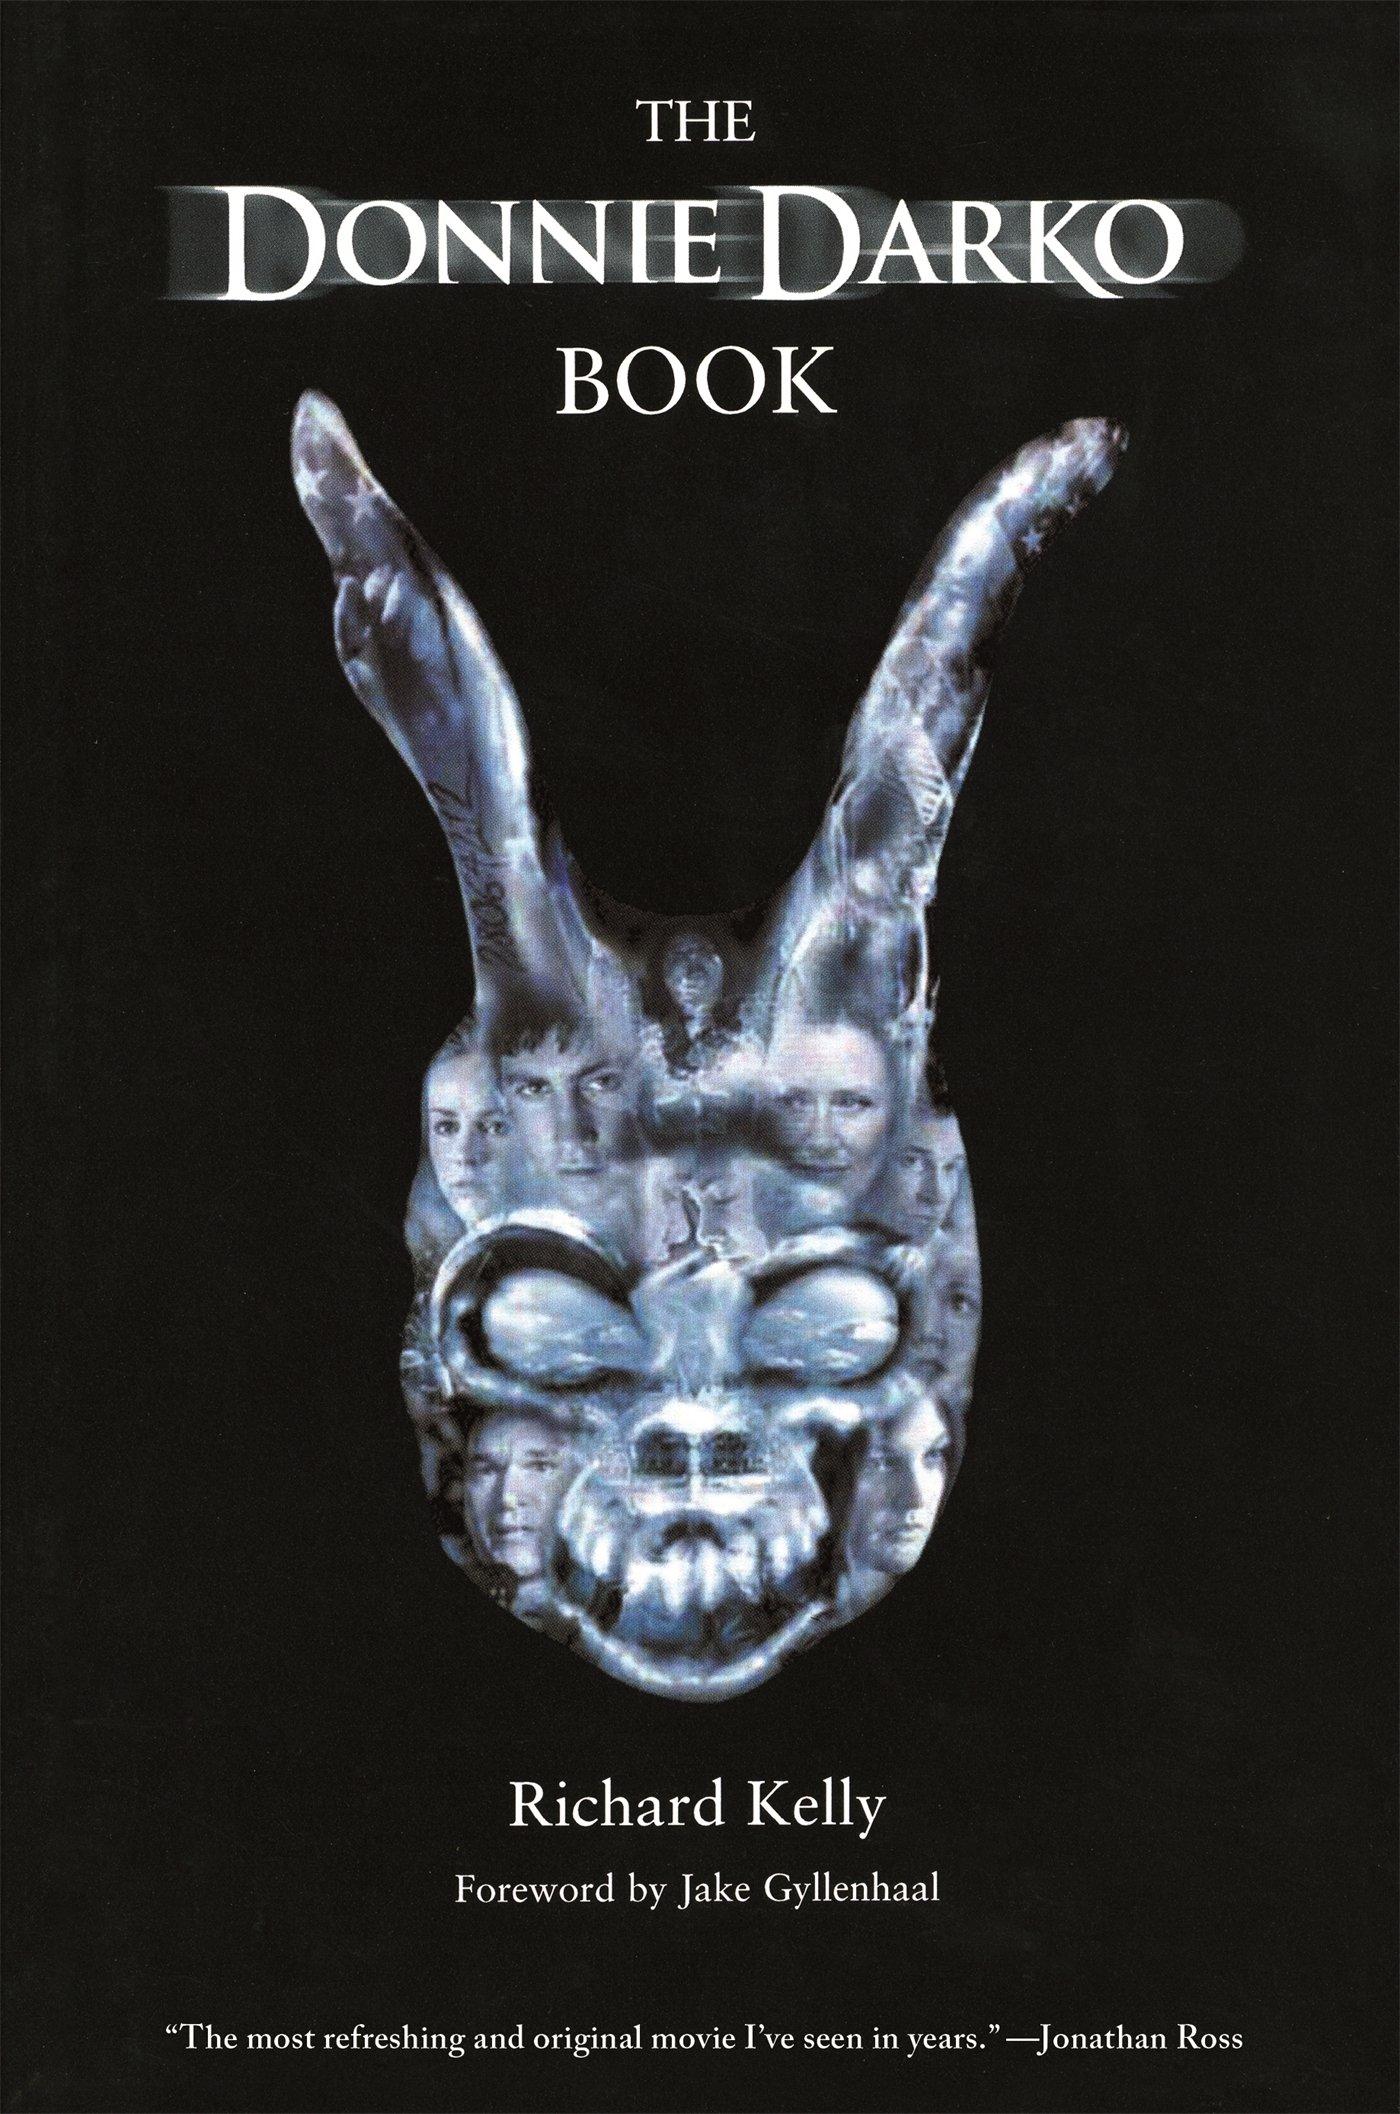 Donnie Darko Book